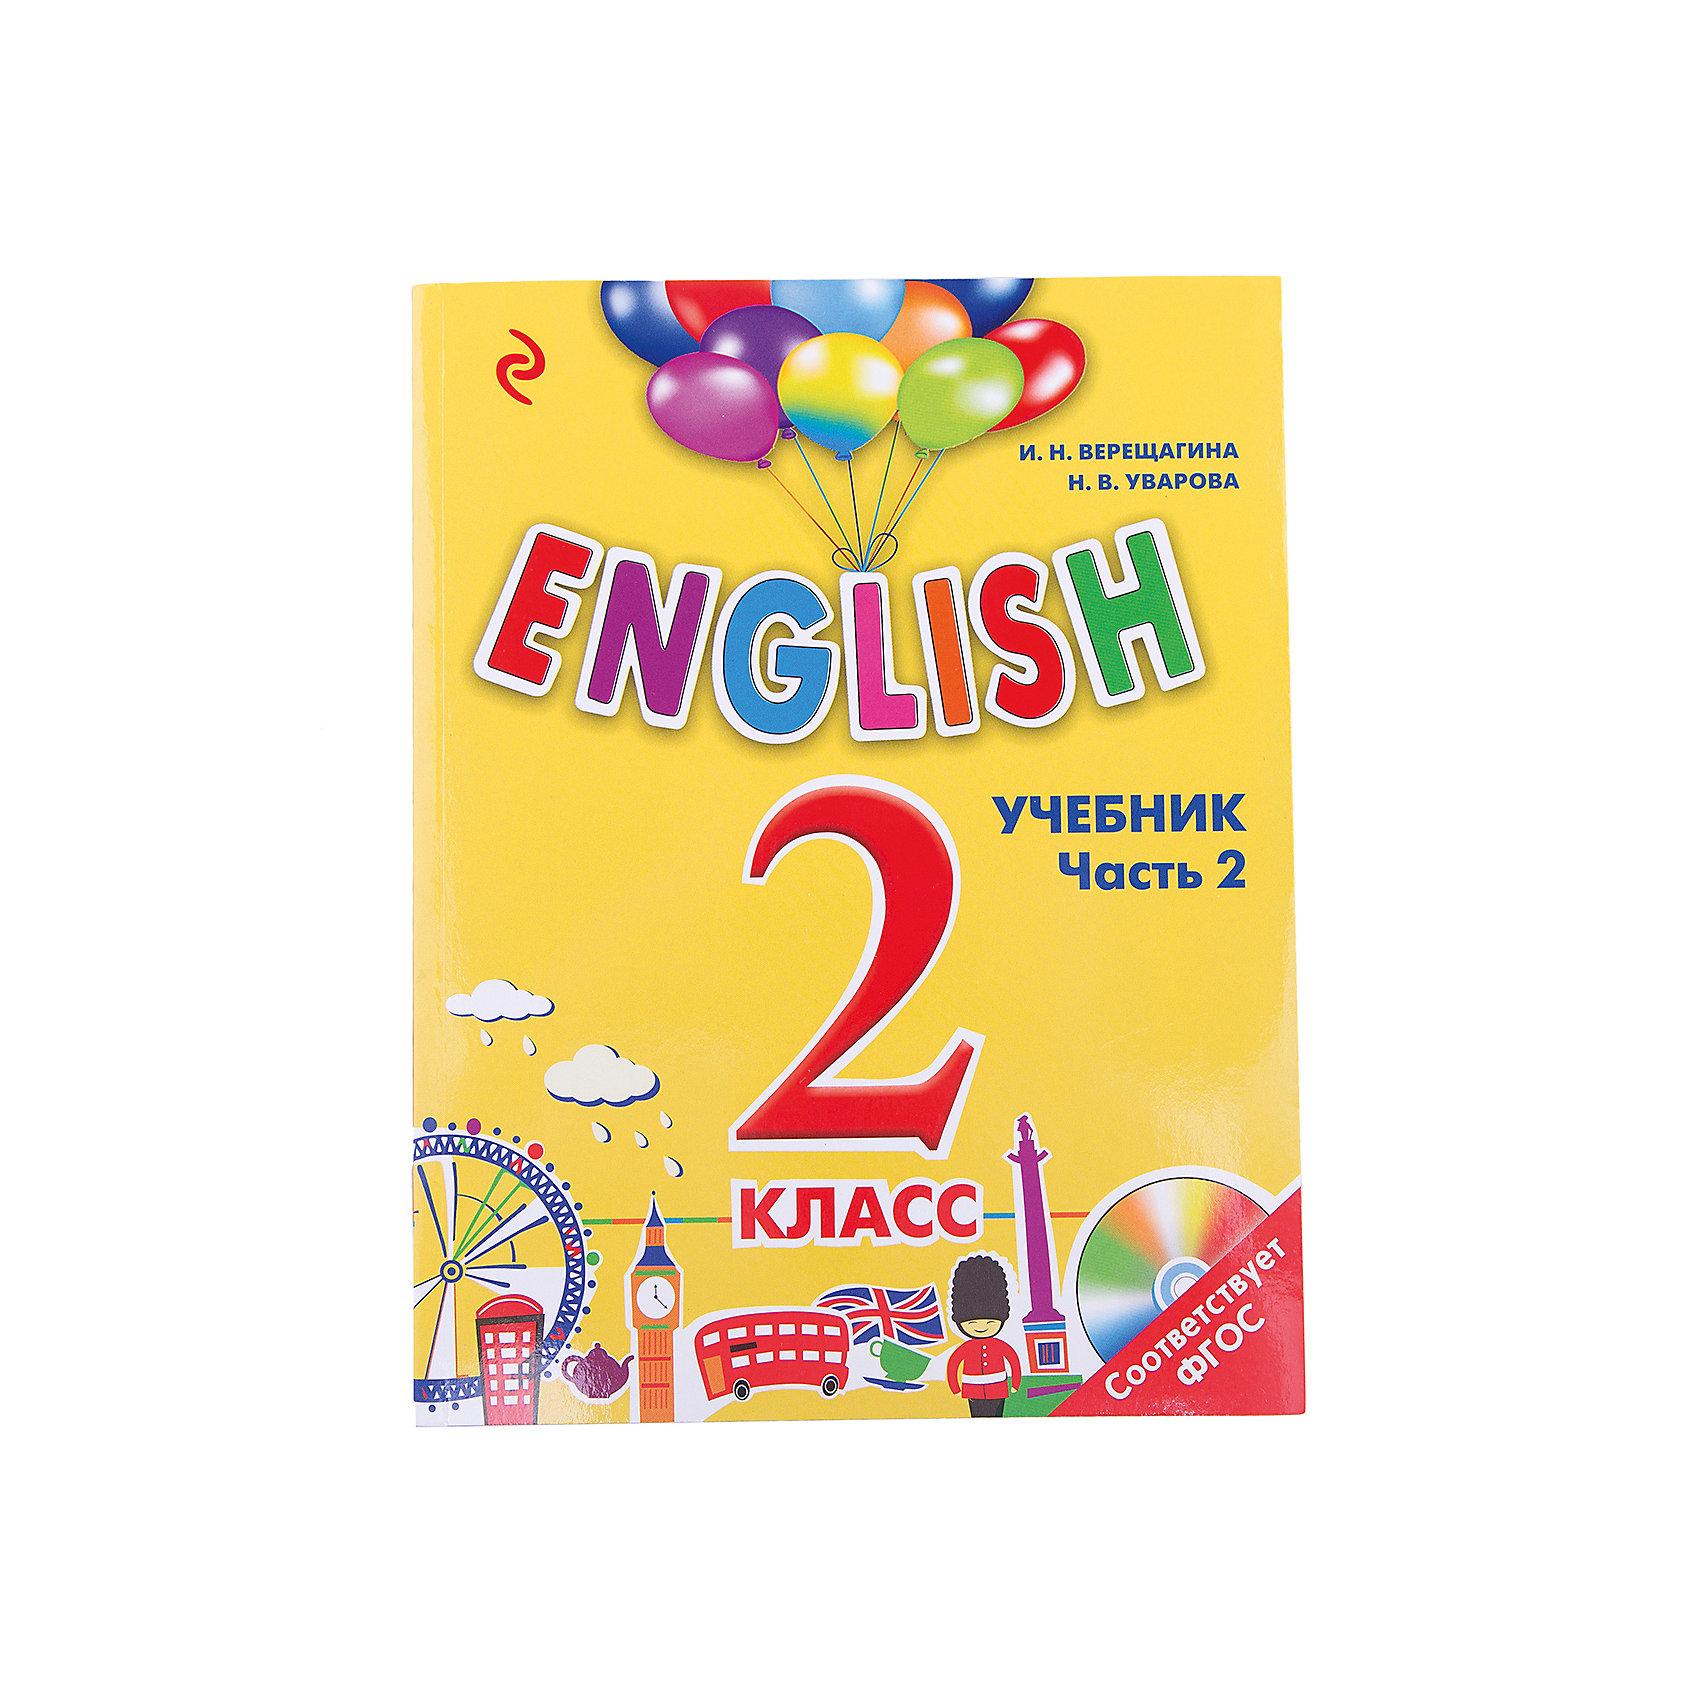 ENGLISH, 2 класс, учебник, часть 2 + СDЭксмо<br>Учебник представляет собой начальный курс английского языка для учащихся 2 класса общеобразовательных учреждений. Он поможет младшим школьникам освоить фонетику, лексику, грамматику, которые изучаются во 2 классе в рамках школьной программы. Учащиеся приобретут также начальные коммуникативные навыки чтения, говорения, аудирования и письма. Учебник соответствует Федеральному государственному образовательному стандарту, его характеризуют простота, наглядность и доступность изложения материала. Большое количество и разнообразие упражнений для практики, соответствие возрастным особенностям и возможностям учащихся, наличие аудиозаписи в исполнении носителей языка делают учебник чрезвычайно полезным при изучении английского языка в начальной школе.<br>Учебник предназначен для младших школьников, изучающих английский язык с преподавателем или репетитором, а также дома с родителями.<br>Учебник является частью учебно-методического комплекта, в который входят также рабочая тетрадь, книга для чтения, контрольные задания и методическое пособие для взрослых.<br><br>Ширина мм: 280<br>Глубина мм: 210<br>Высота мм: 10<br>Вес г: 351<br>Возраст от месяцев: 72<br>Возраст до месяцев: 96<br>Пол: Унисекс<br>Возраст: Детский<br>SKU: 6878180